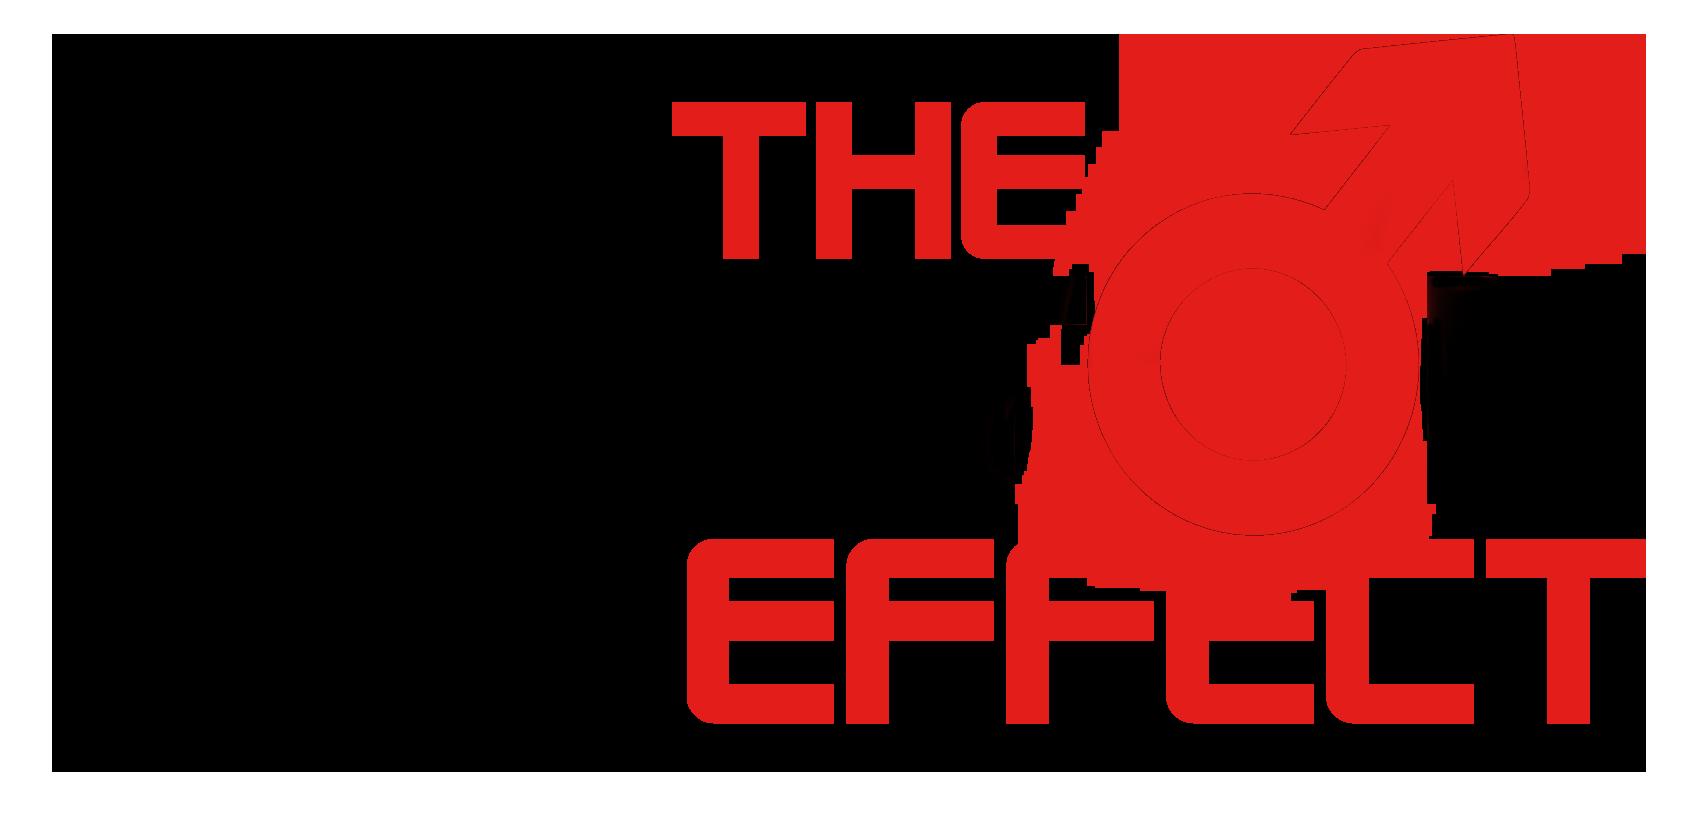 Theerectoreffect